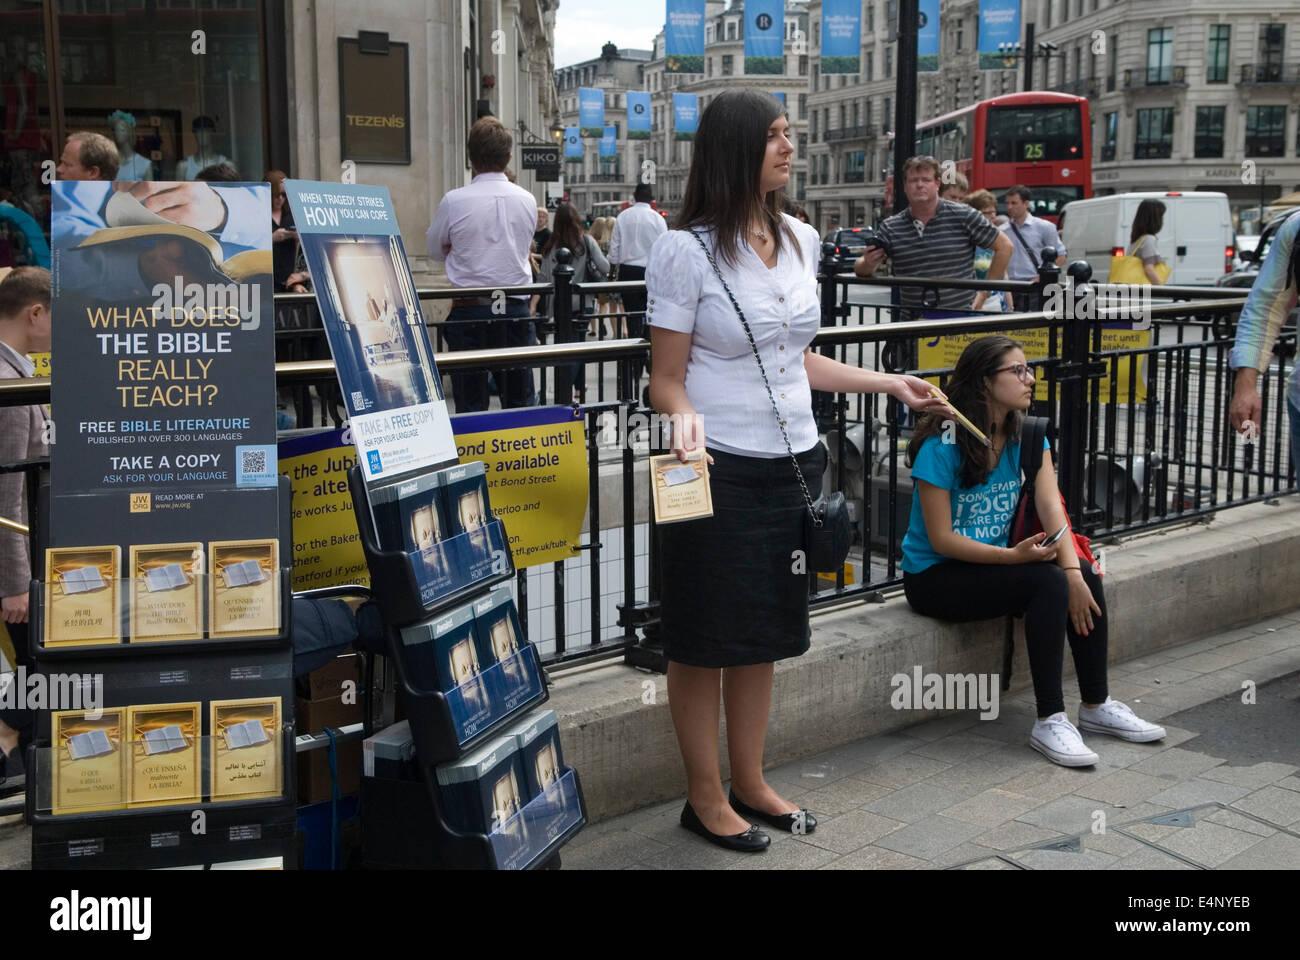 Wach und was tut die Bibel wirklich Lehren Jehovas Zeugen Literatur wird in Oxford Street London HOMER SYKES ausgehändigt Stockbild